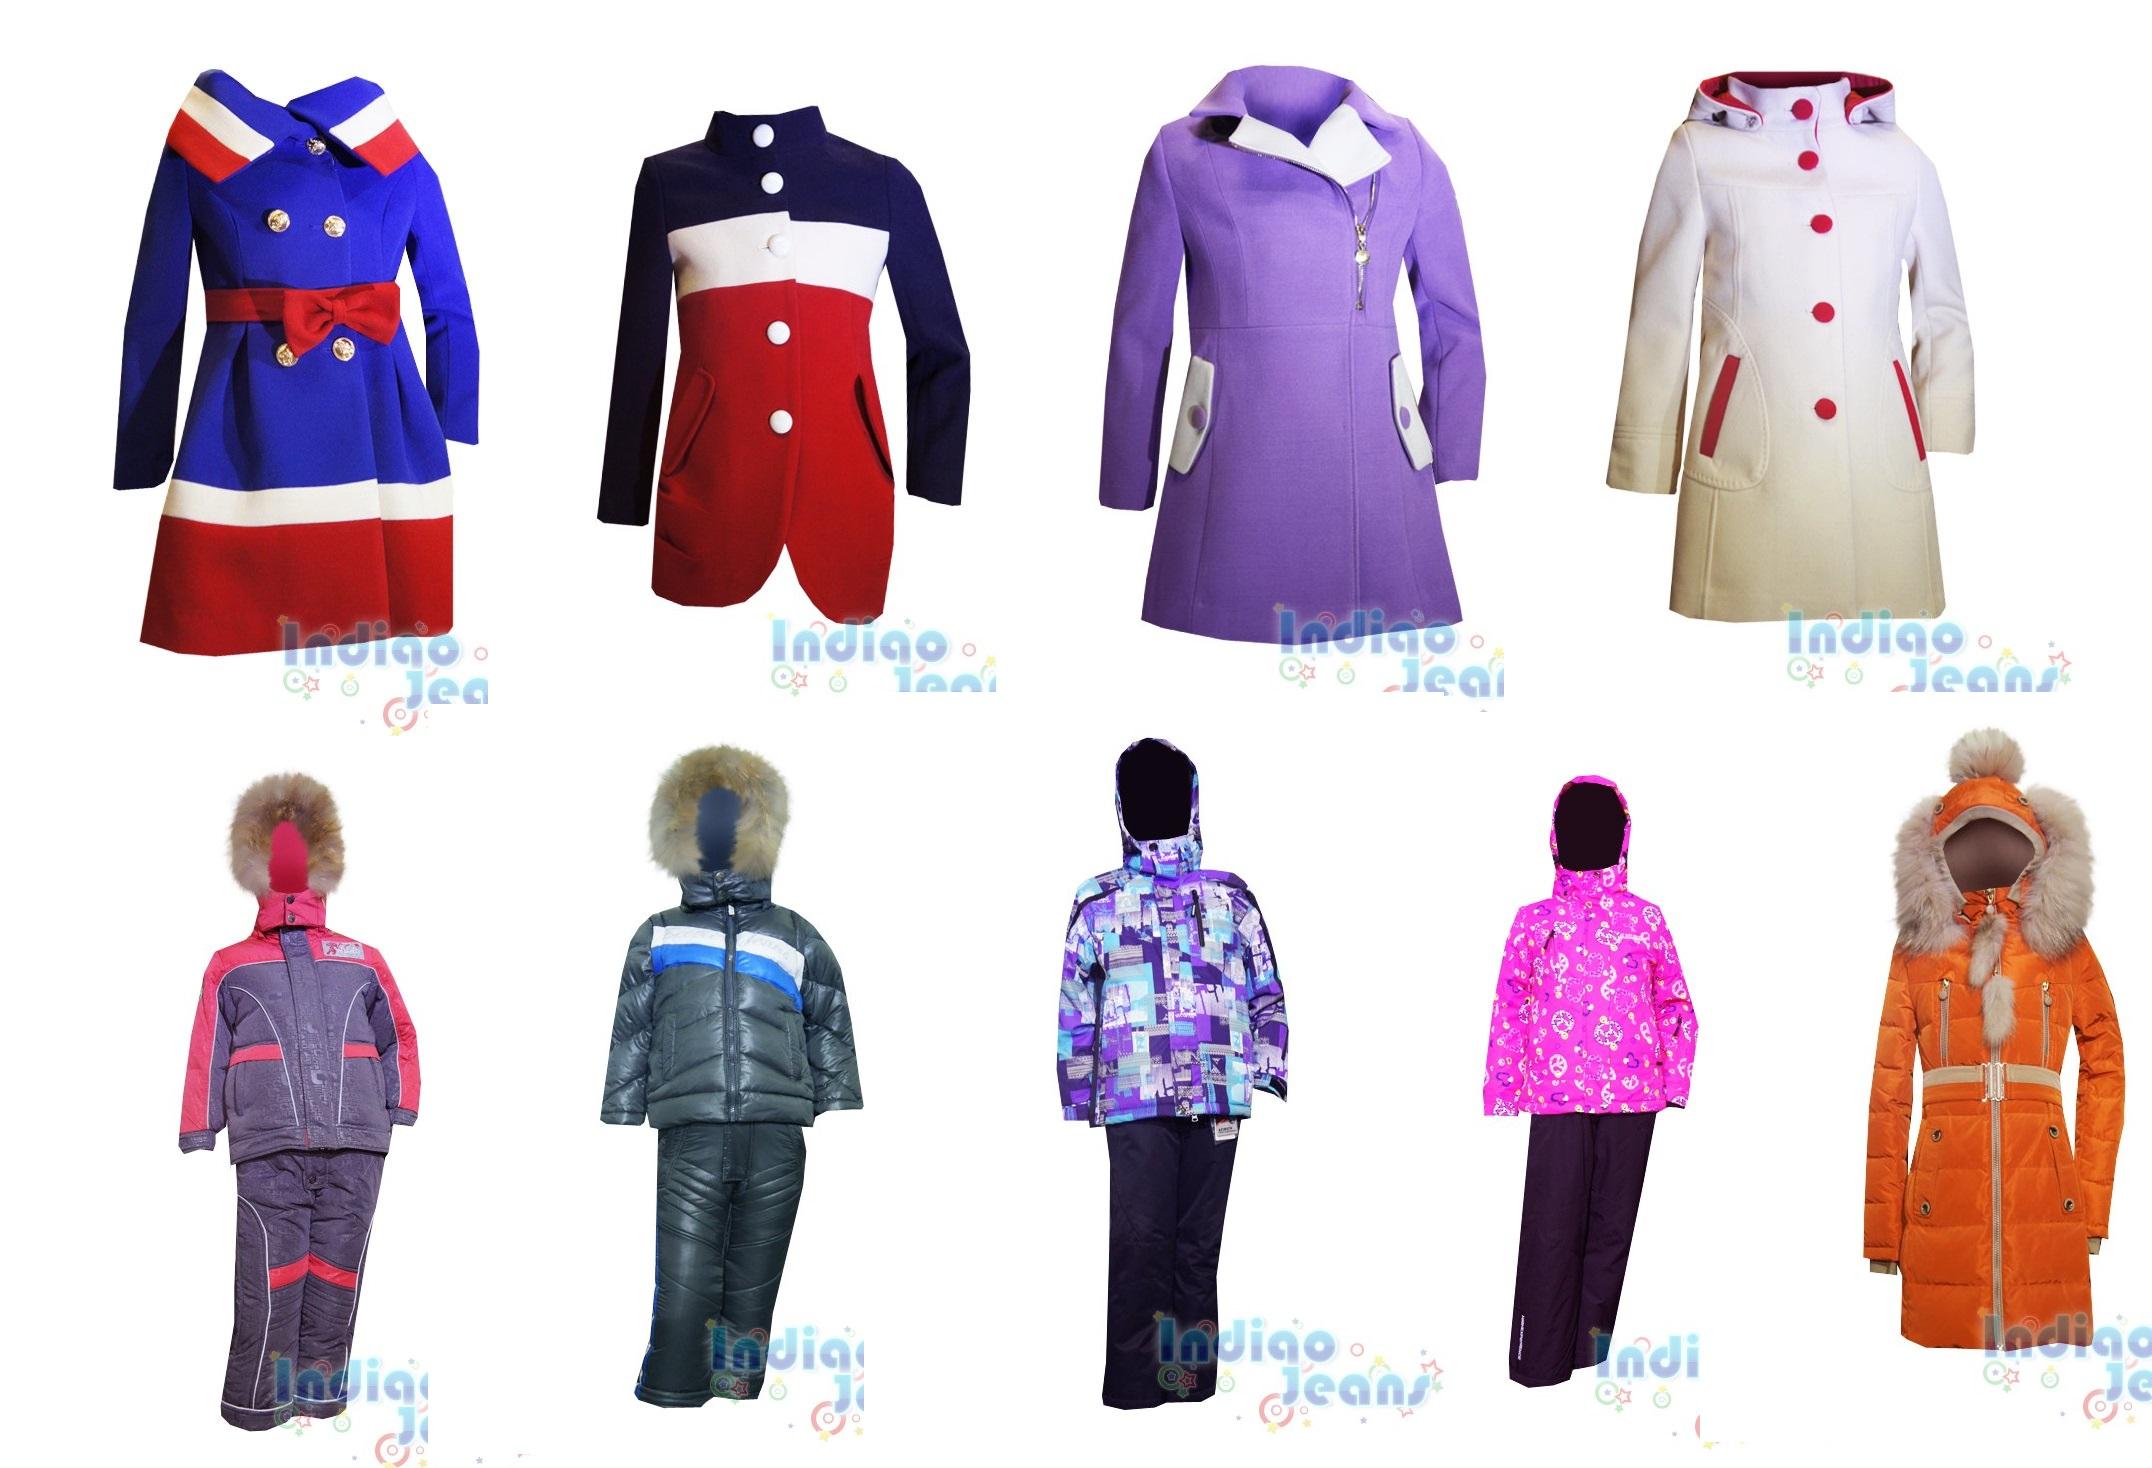 Верхняя одежда по привлекательным ценам - 4. Пальто для девочек. Горнолыжные (мембранные) костюмы за 3080 руб. От 60 до 170 р-ра